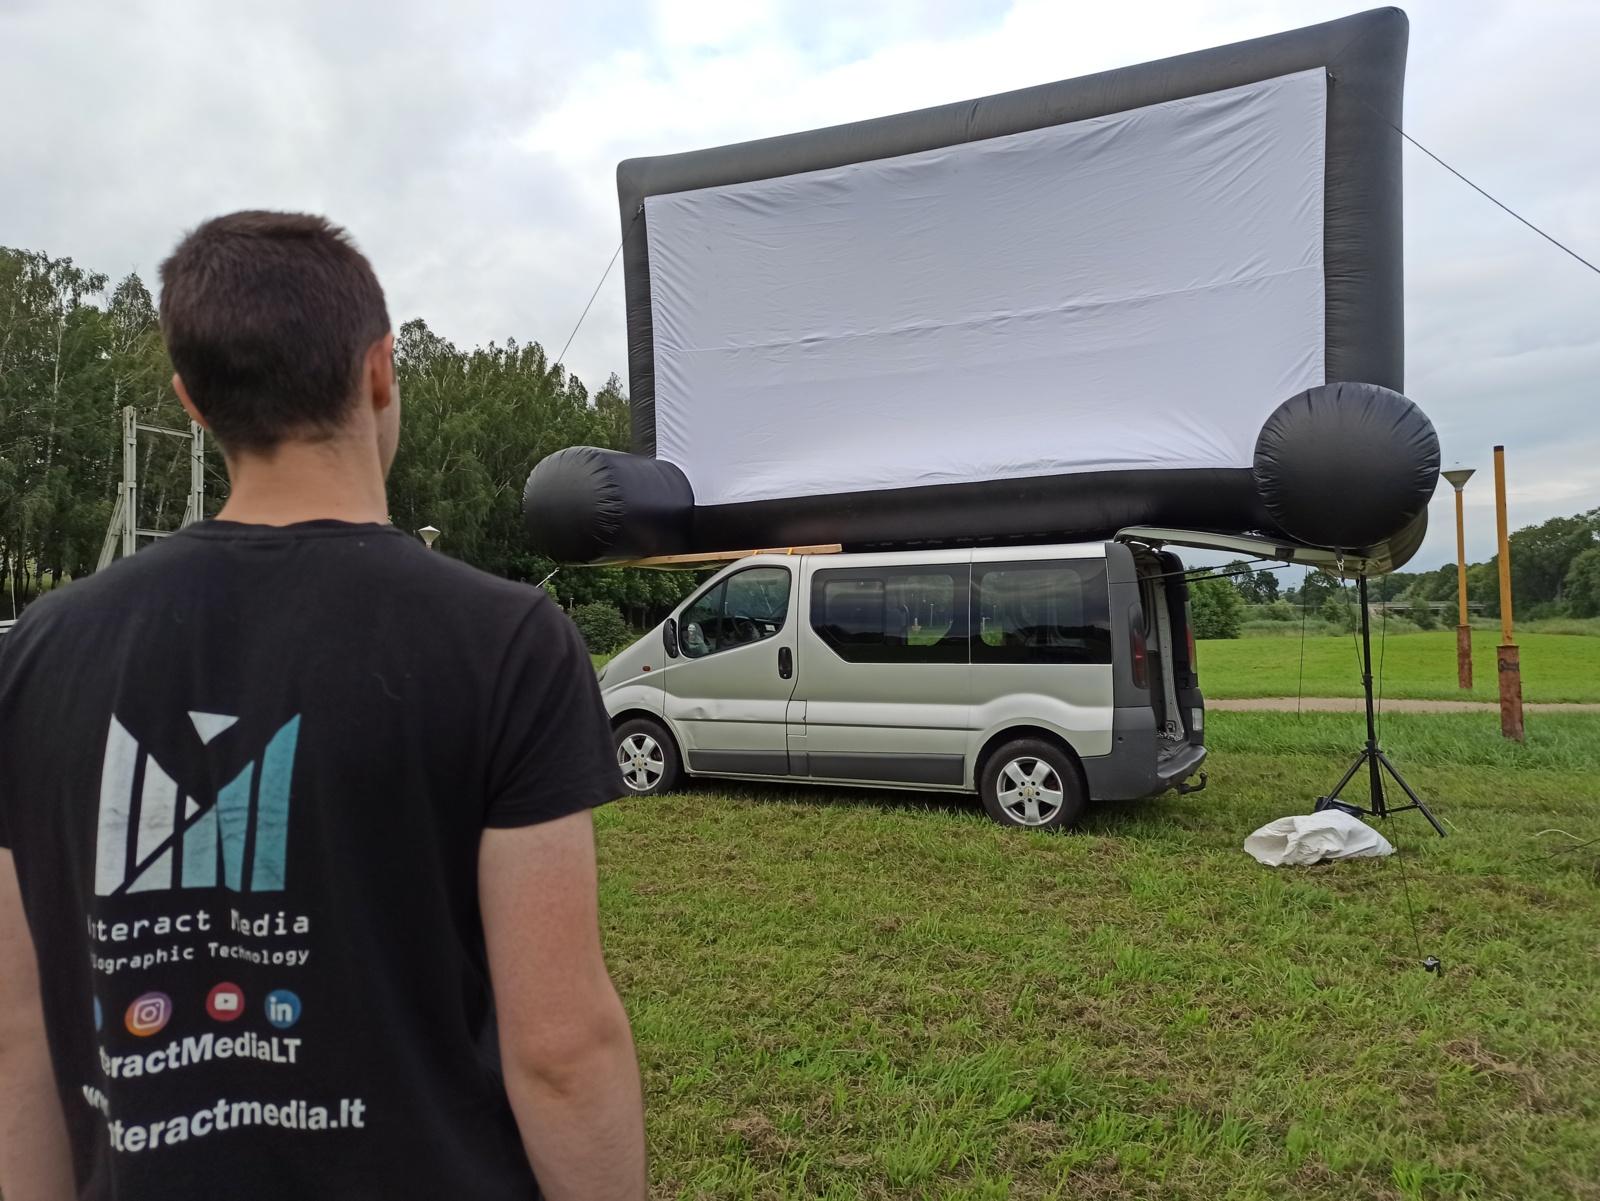 Pakruojiečius į parko salą sukvietė dokumentinis kinas po atvirumi dangumi